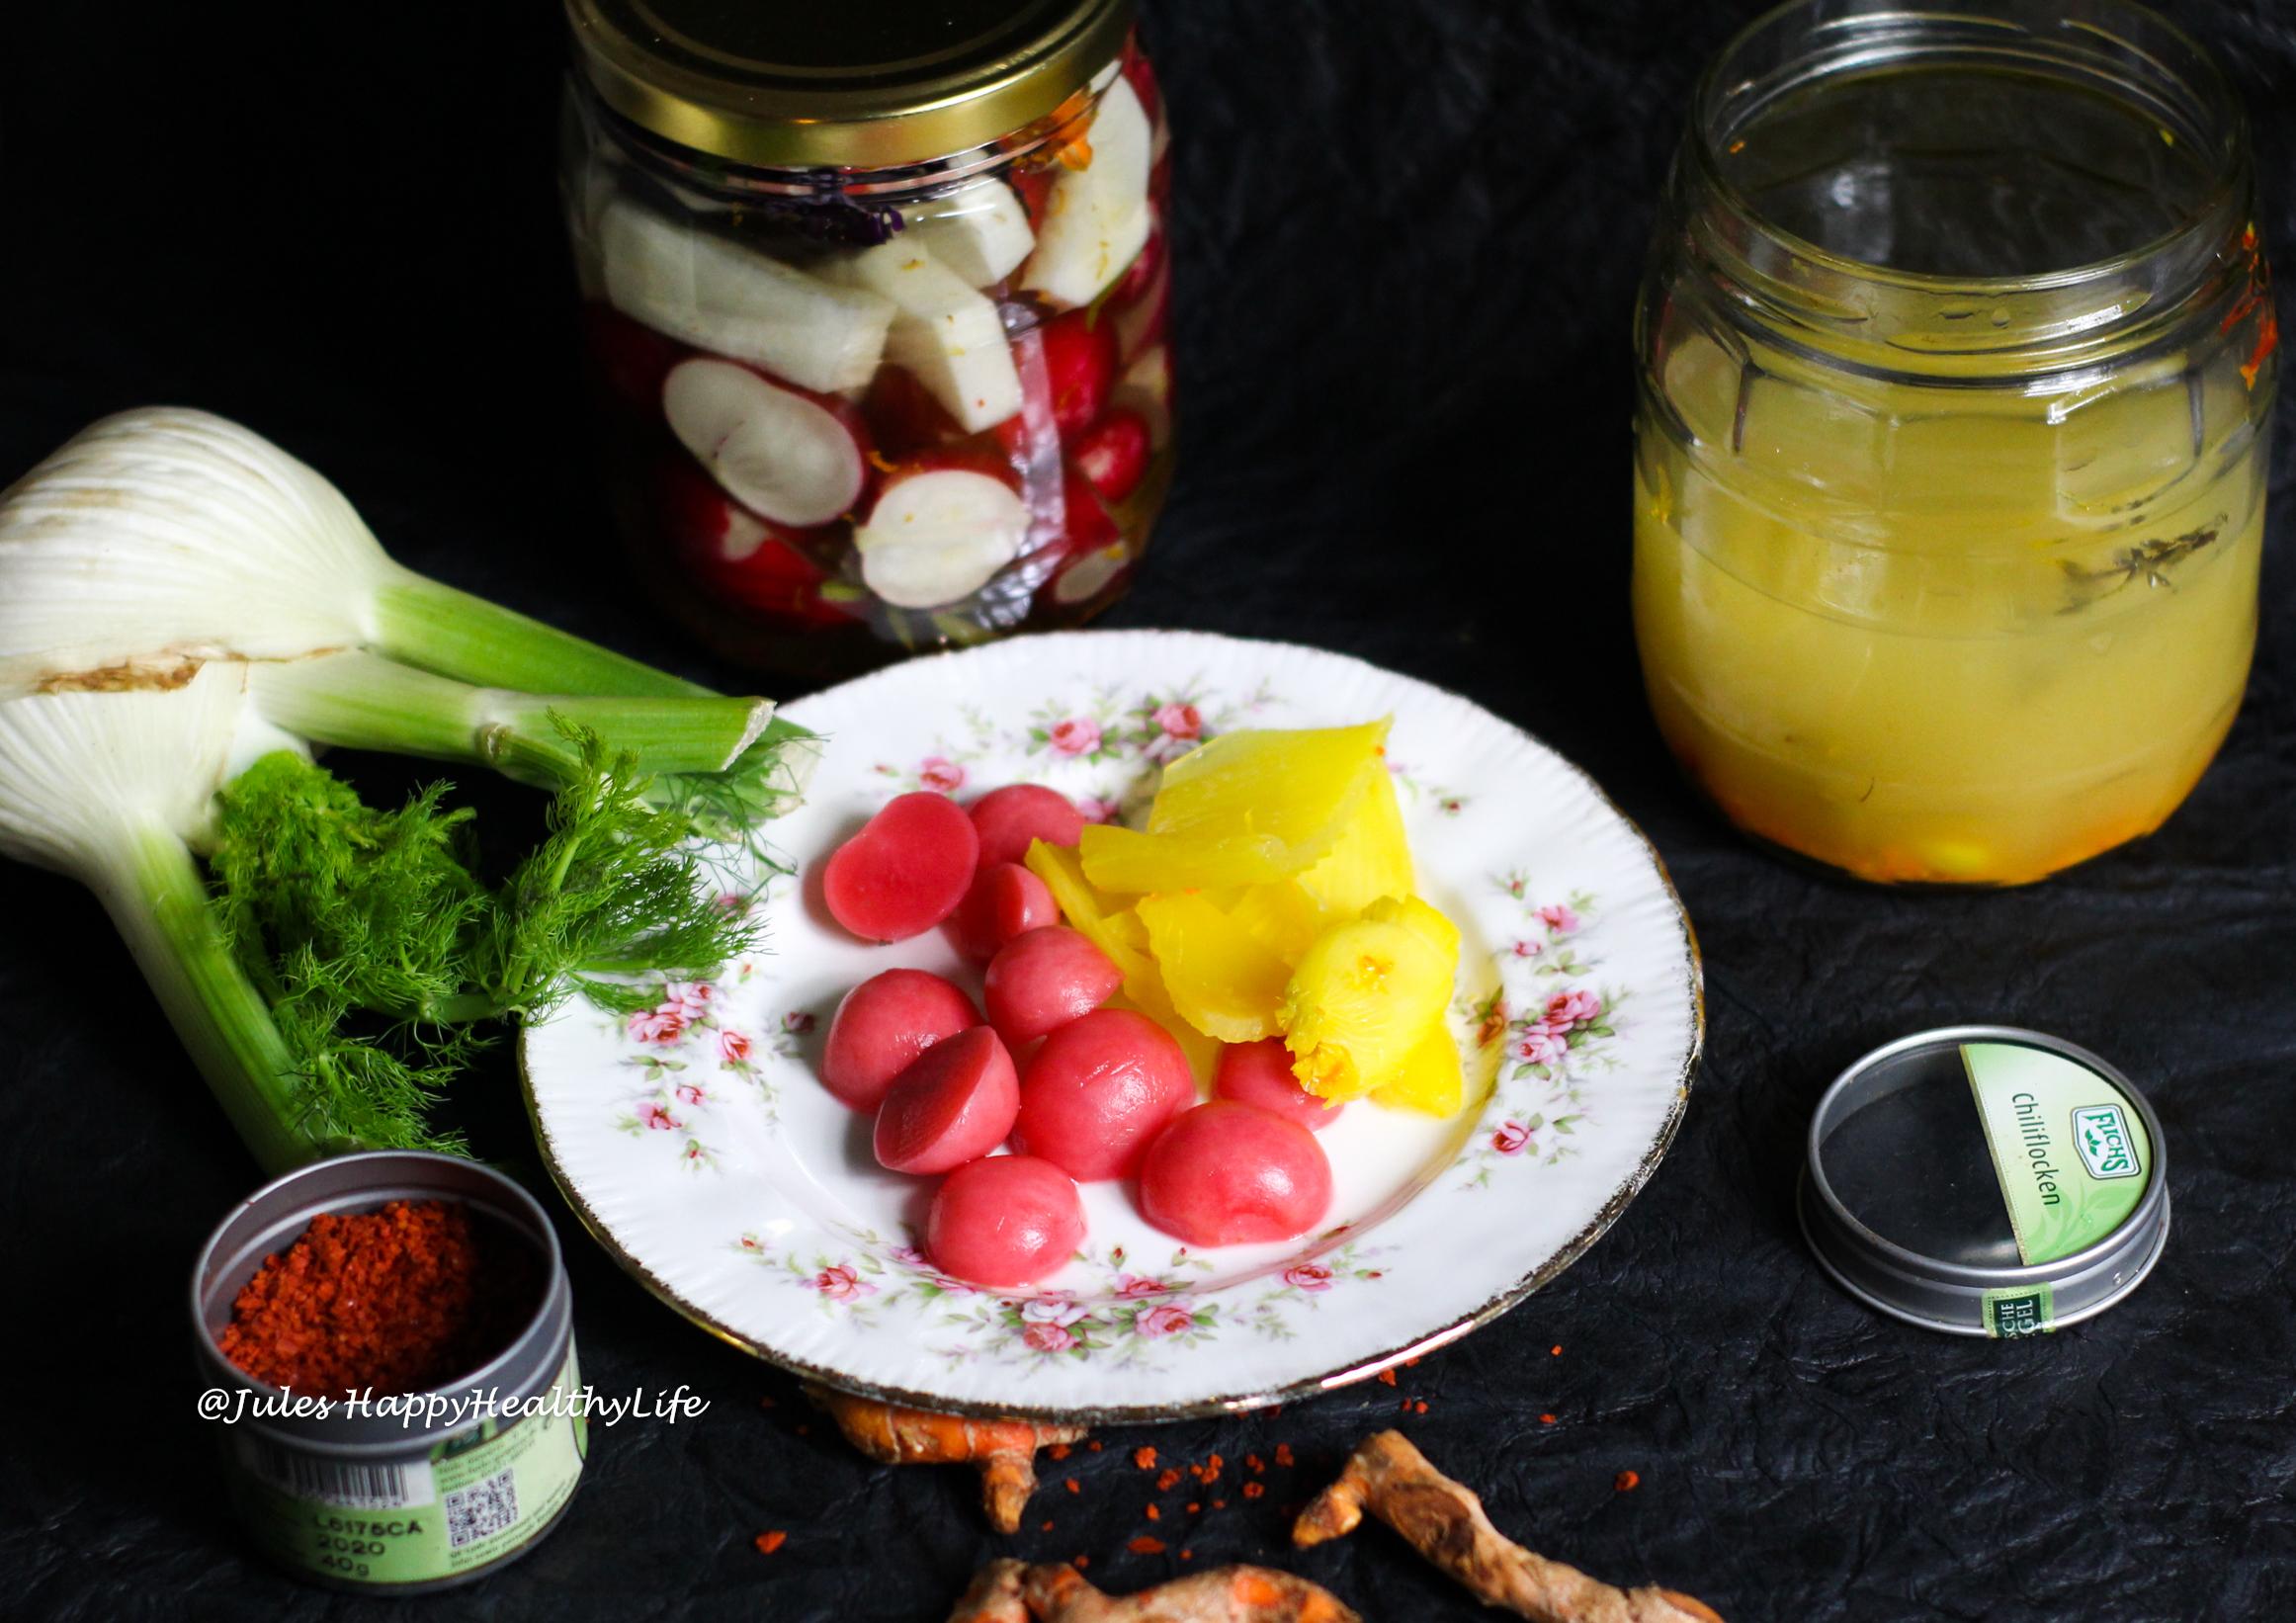 Rezept für gesundes Fermentiertes Gemüse mit Kurkuma & Chili - Gesunde Probiotika